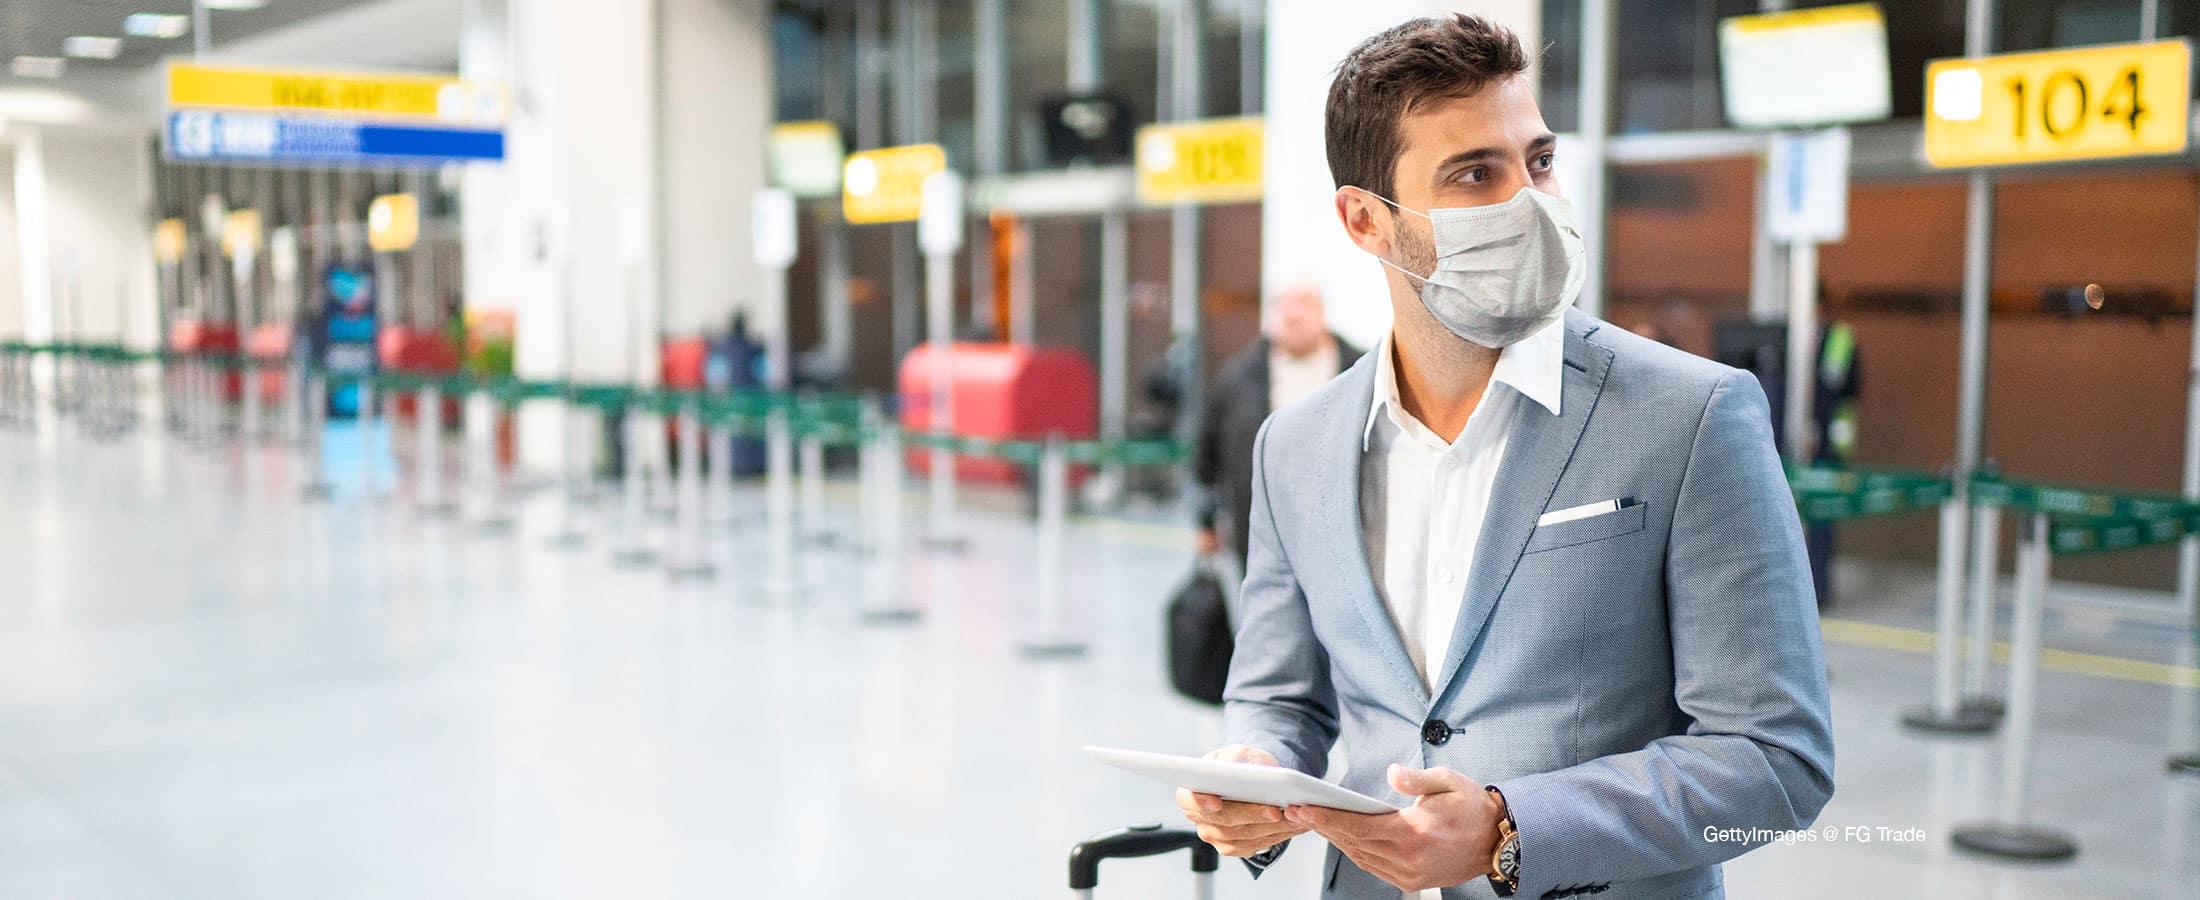 Déplacement à l'étranger : comment fonctionne l'arrêt de travail dérogatoire?